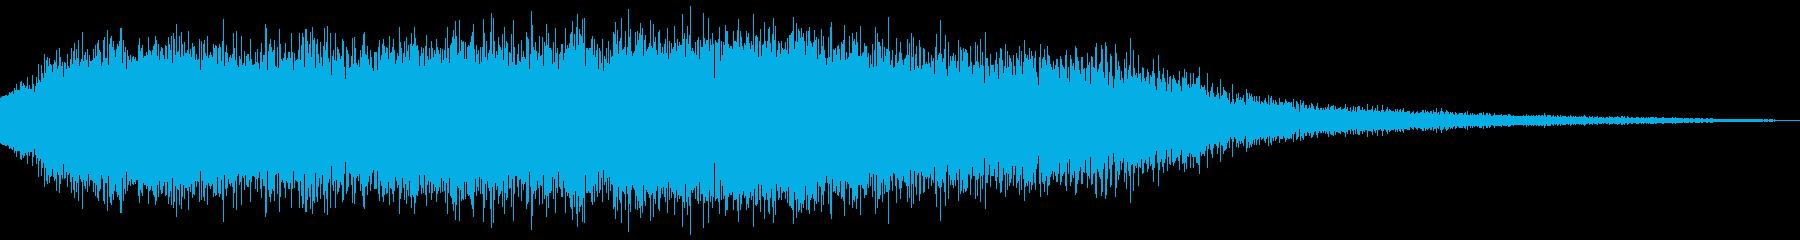 ゲーム用:クリアジングル(キラキラ音)の再生済みの波形